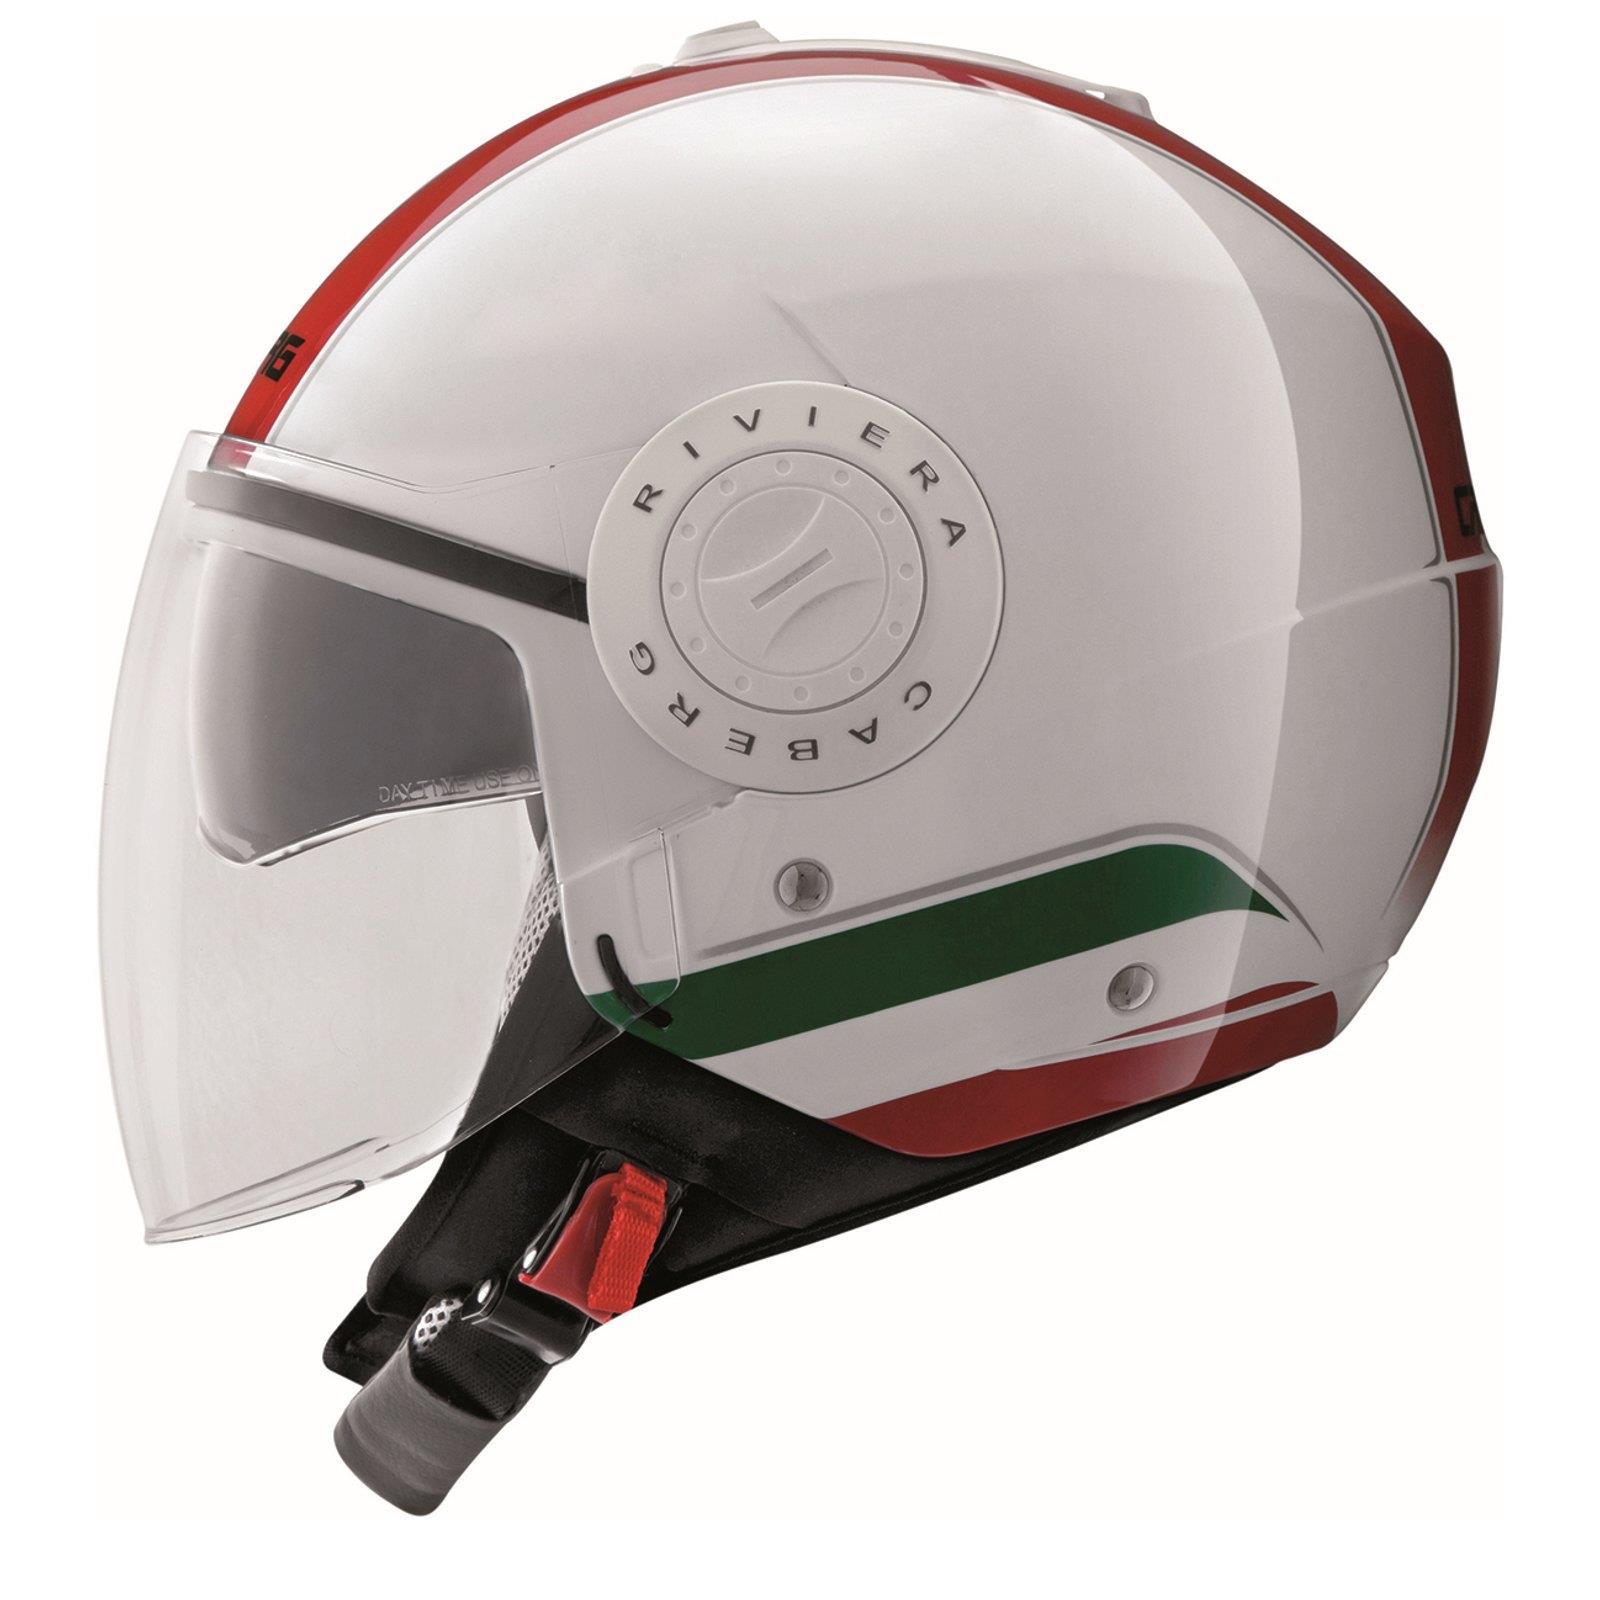 caberg riviera v3 jet helm italia weiss rot gr n motorrad roller motorradhelm ebay. Black Bedroom Furniture Sets. Home Design Ideas